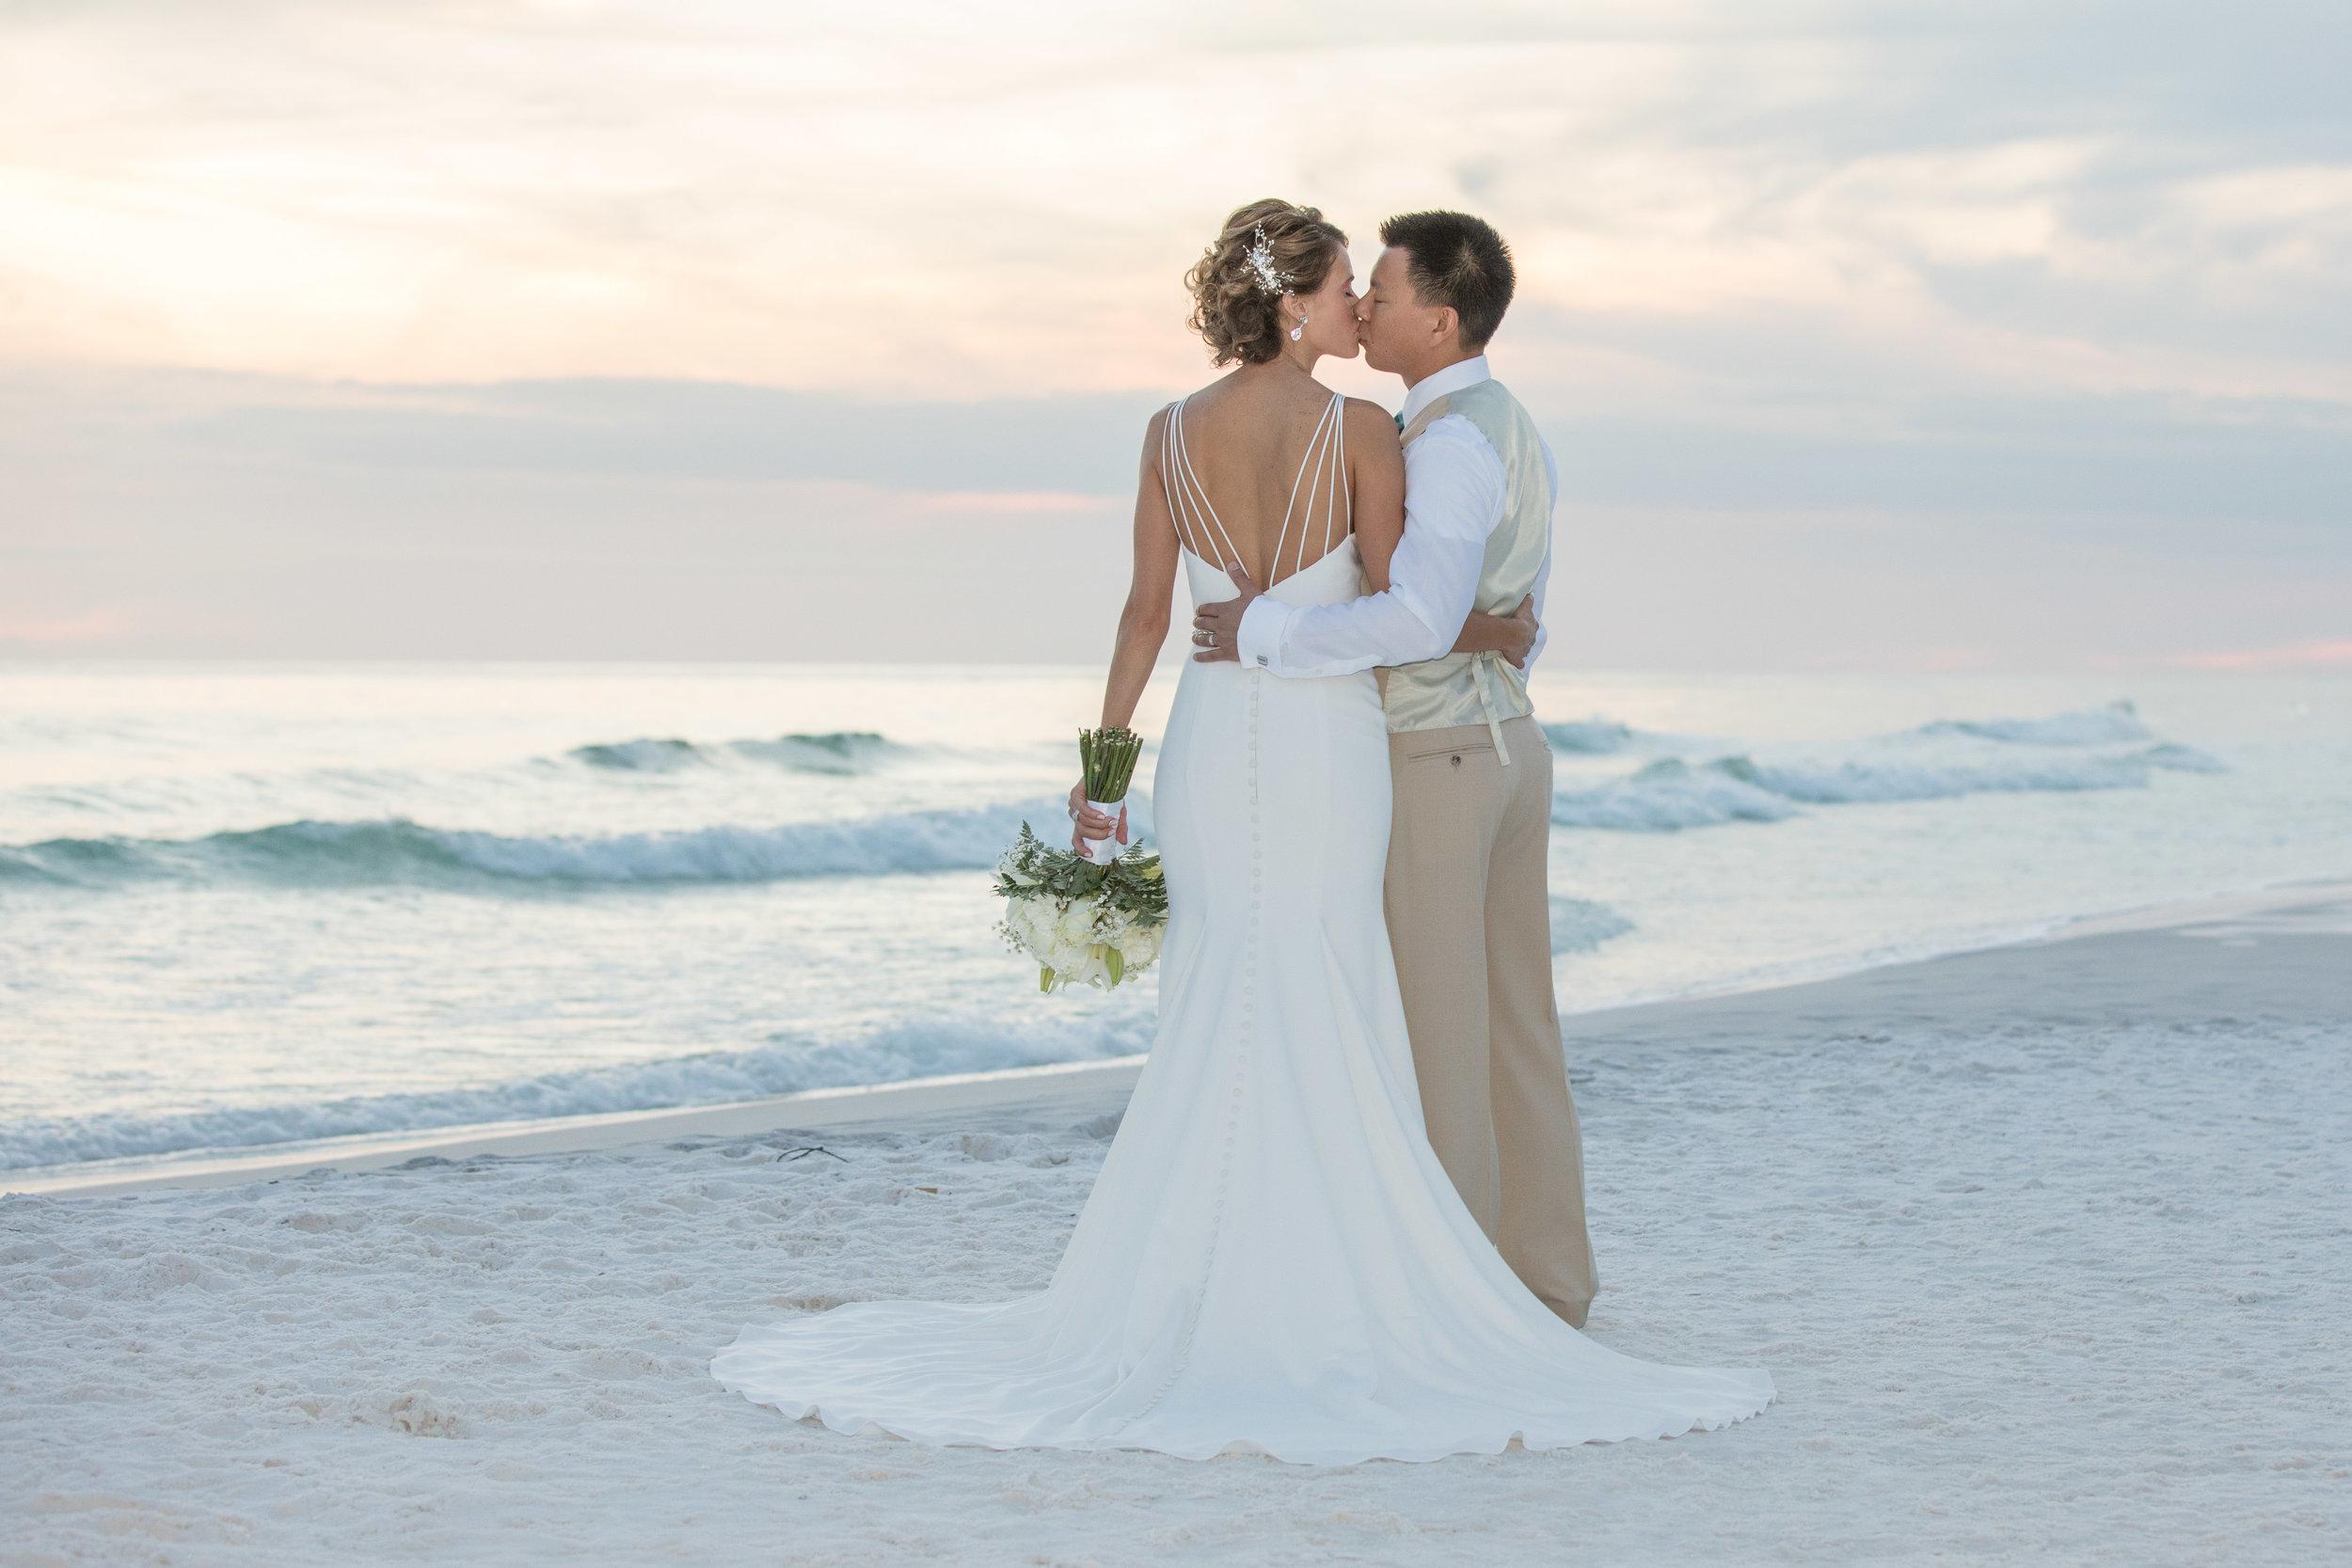 destin beach wedding package picture11_ (3).jpg